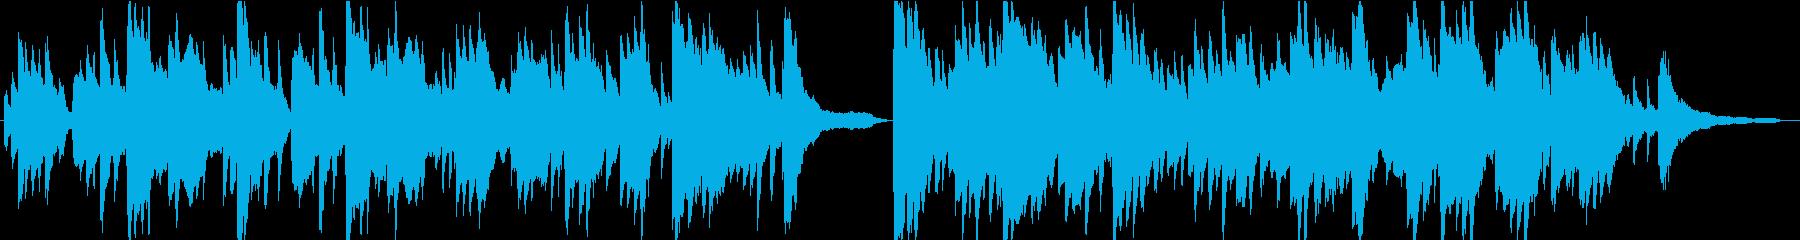 穏やかで優しいBGMの再生済みの波形